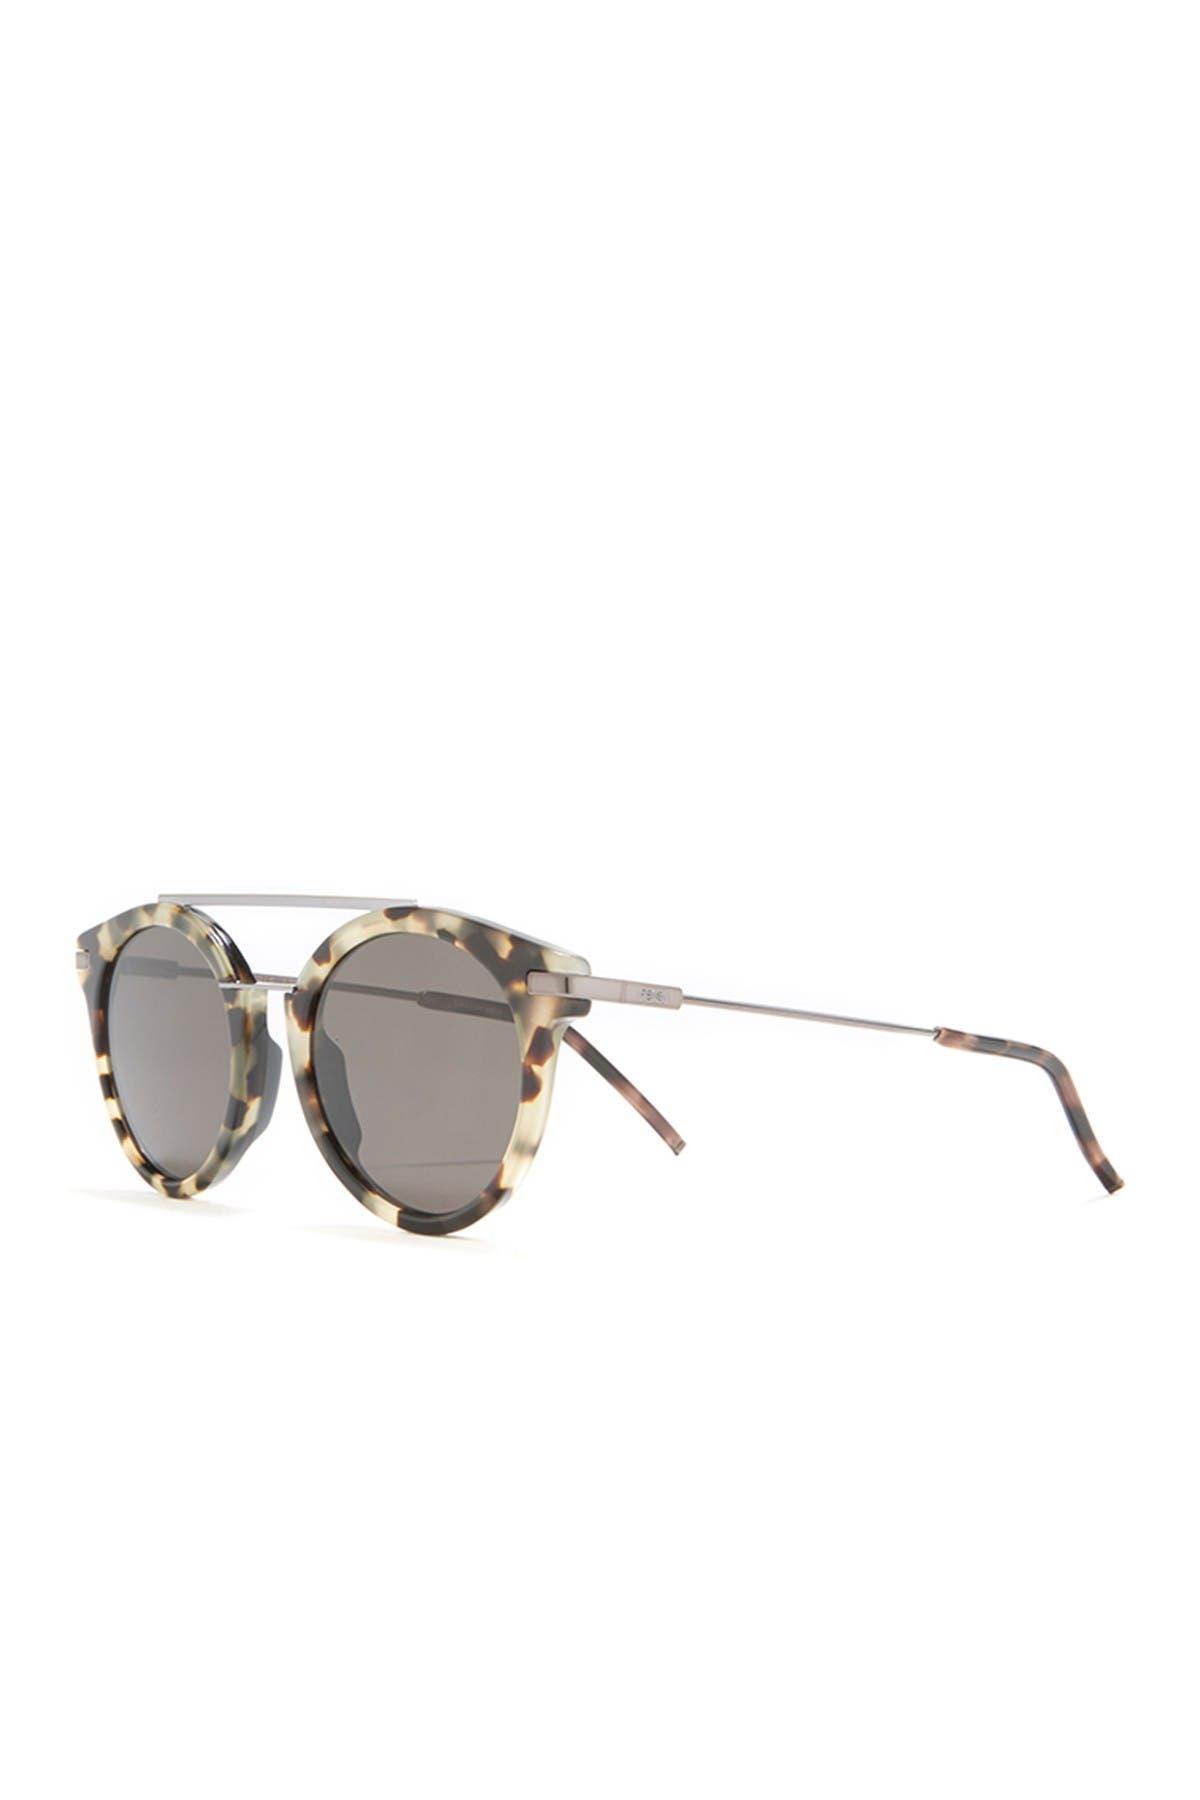 Image of FENDI 49mm Top Bar Sunglasses